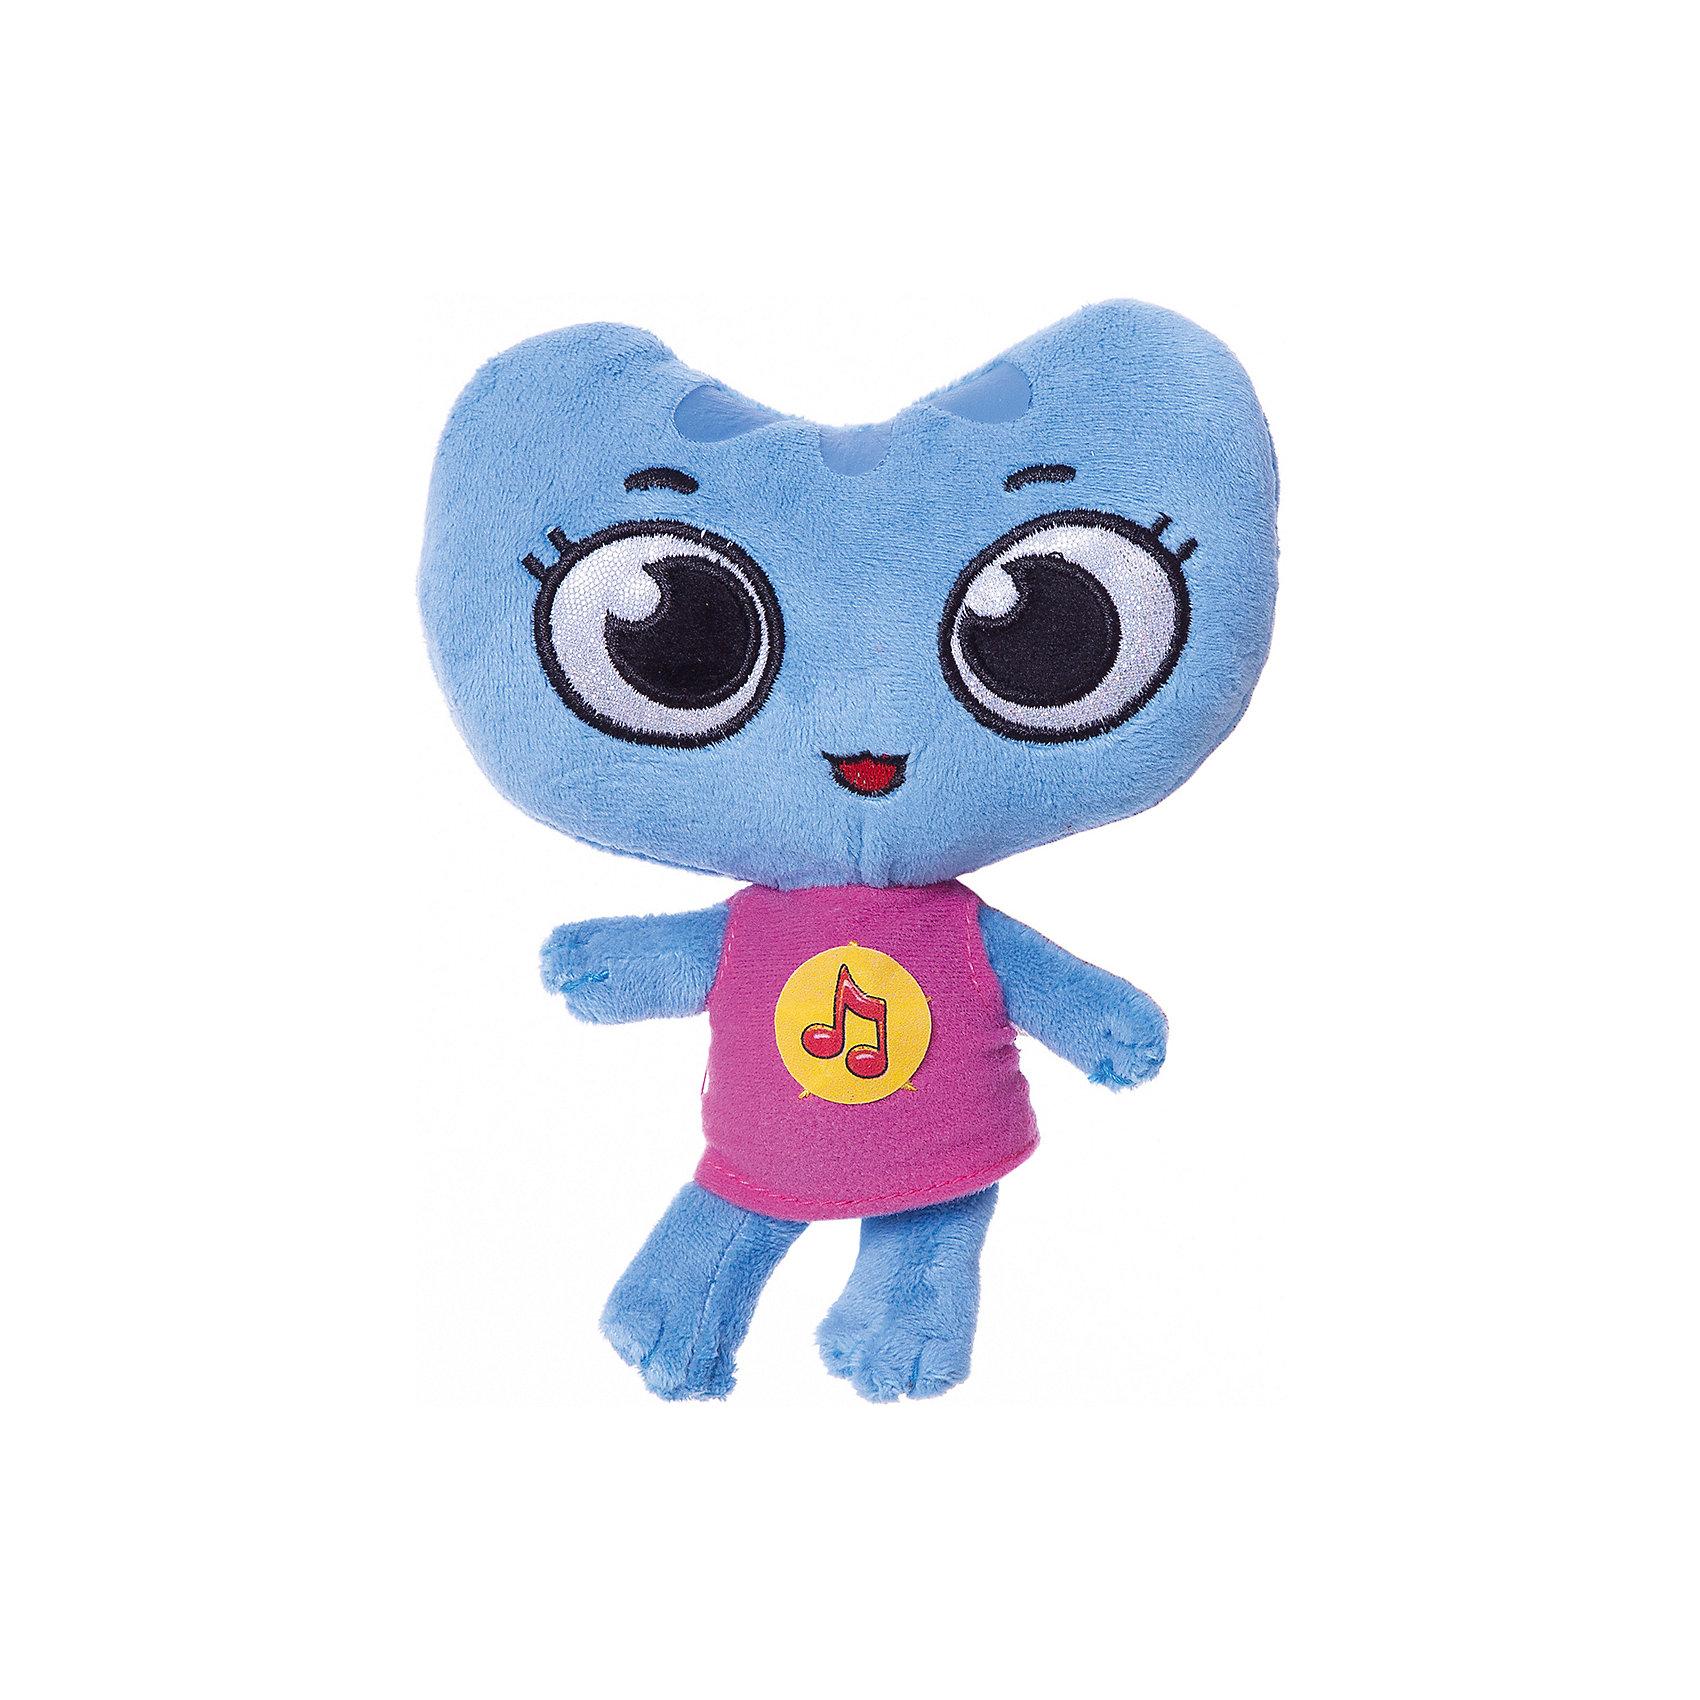 мягкая-игрушка-котики-впе-ре-д-коте-нок-катя-мульти-пульти